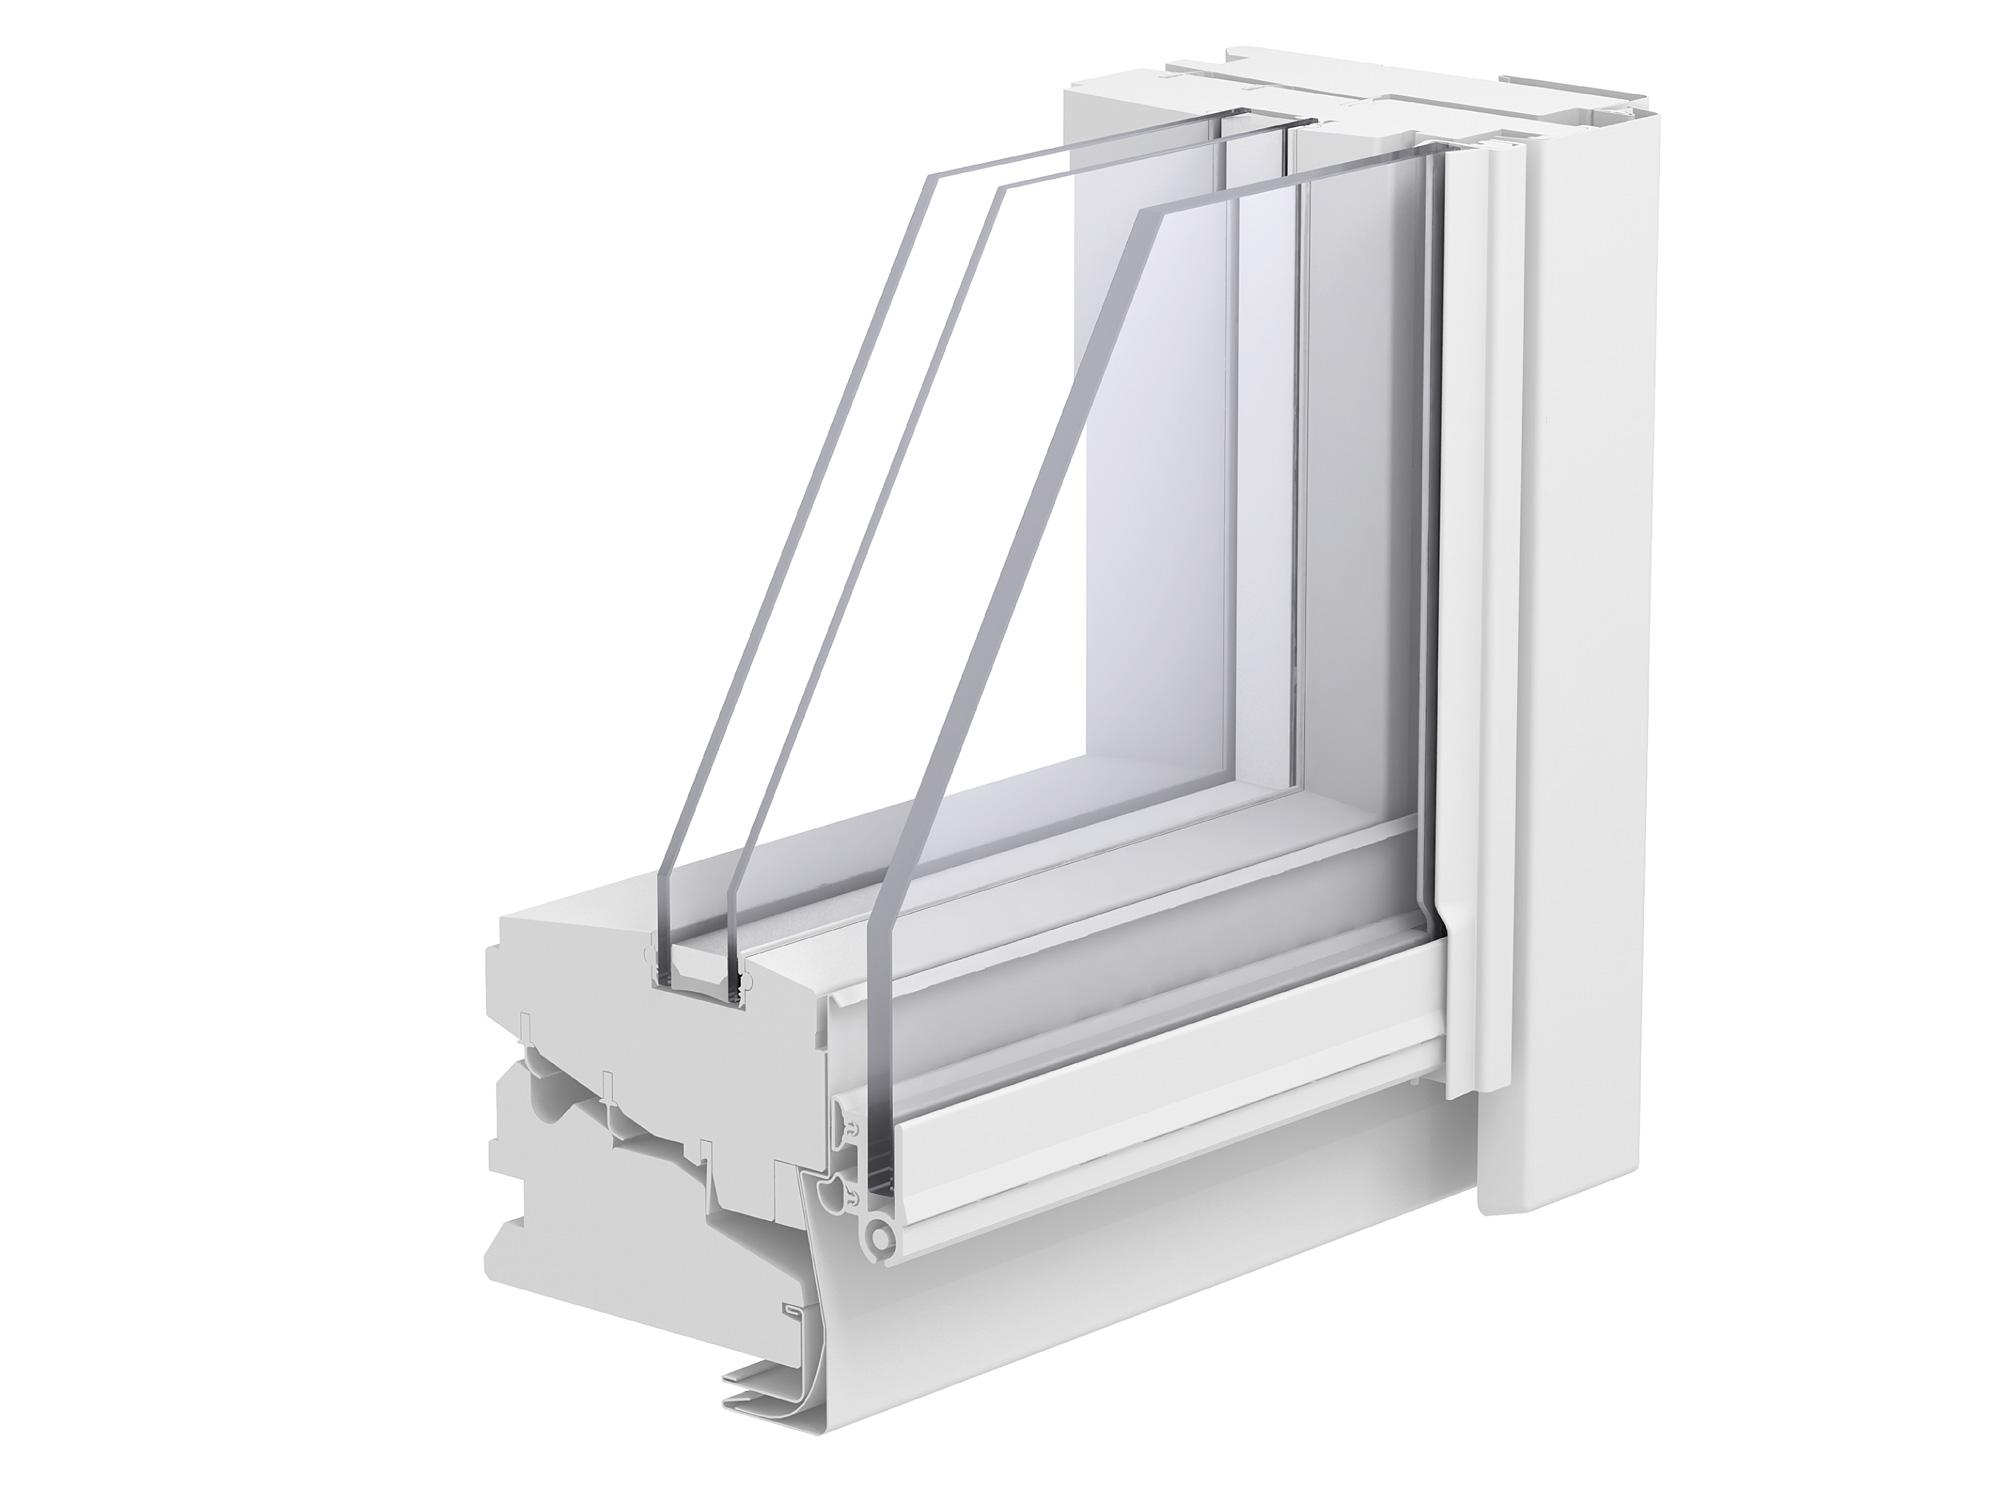 La finestra a elevato isolamento acustico - Isolamento acustico finestre ...